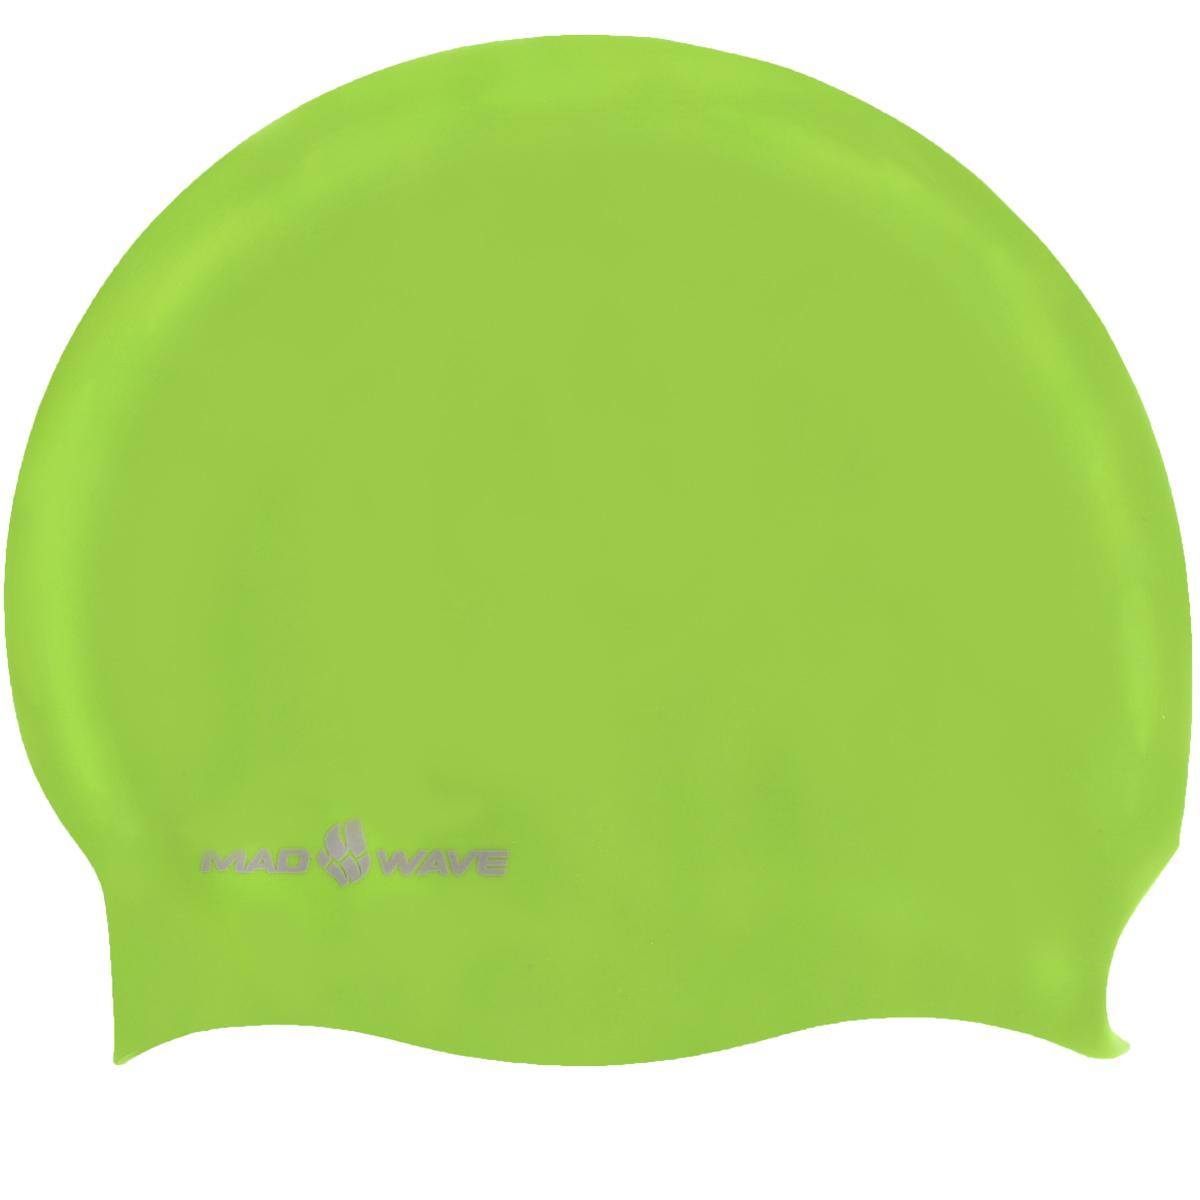 Шапочка для плавания Mad Wave Reverse Champion, цвет: черный, зеленый8-7099111813D двусторонняя шапочка для плавания Mad Wave Reverse Champion изготовлена из мягкого прочного силикона, который обеспечивает идеальную подгонку и комфорт. Материал шапочки не вызывает раздражения, что гарантирует безопасность использования шапочки. Силикон не пропускает воду и приятен на ощупь.